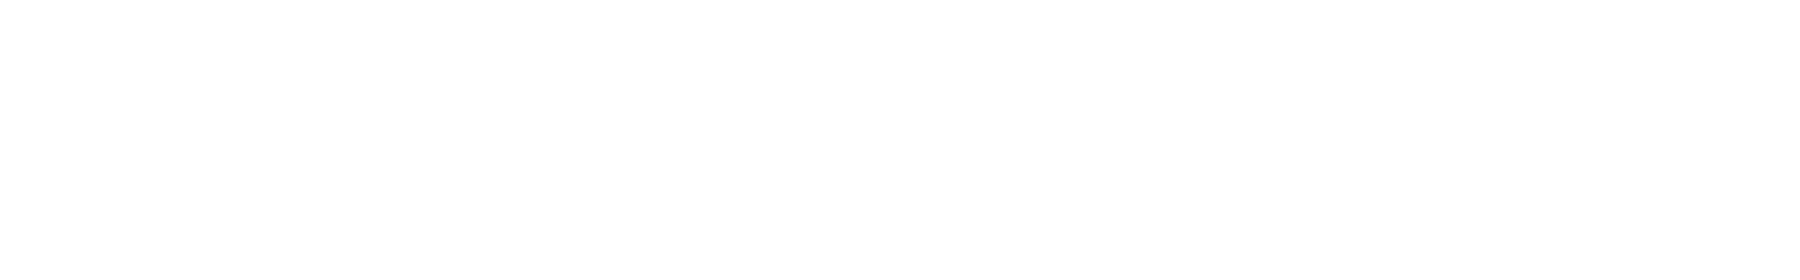 vedh synth cut 037 em